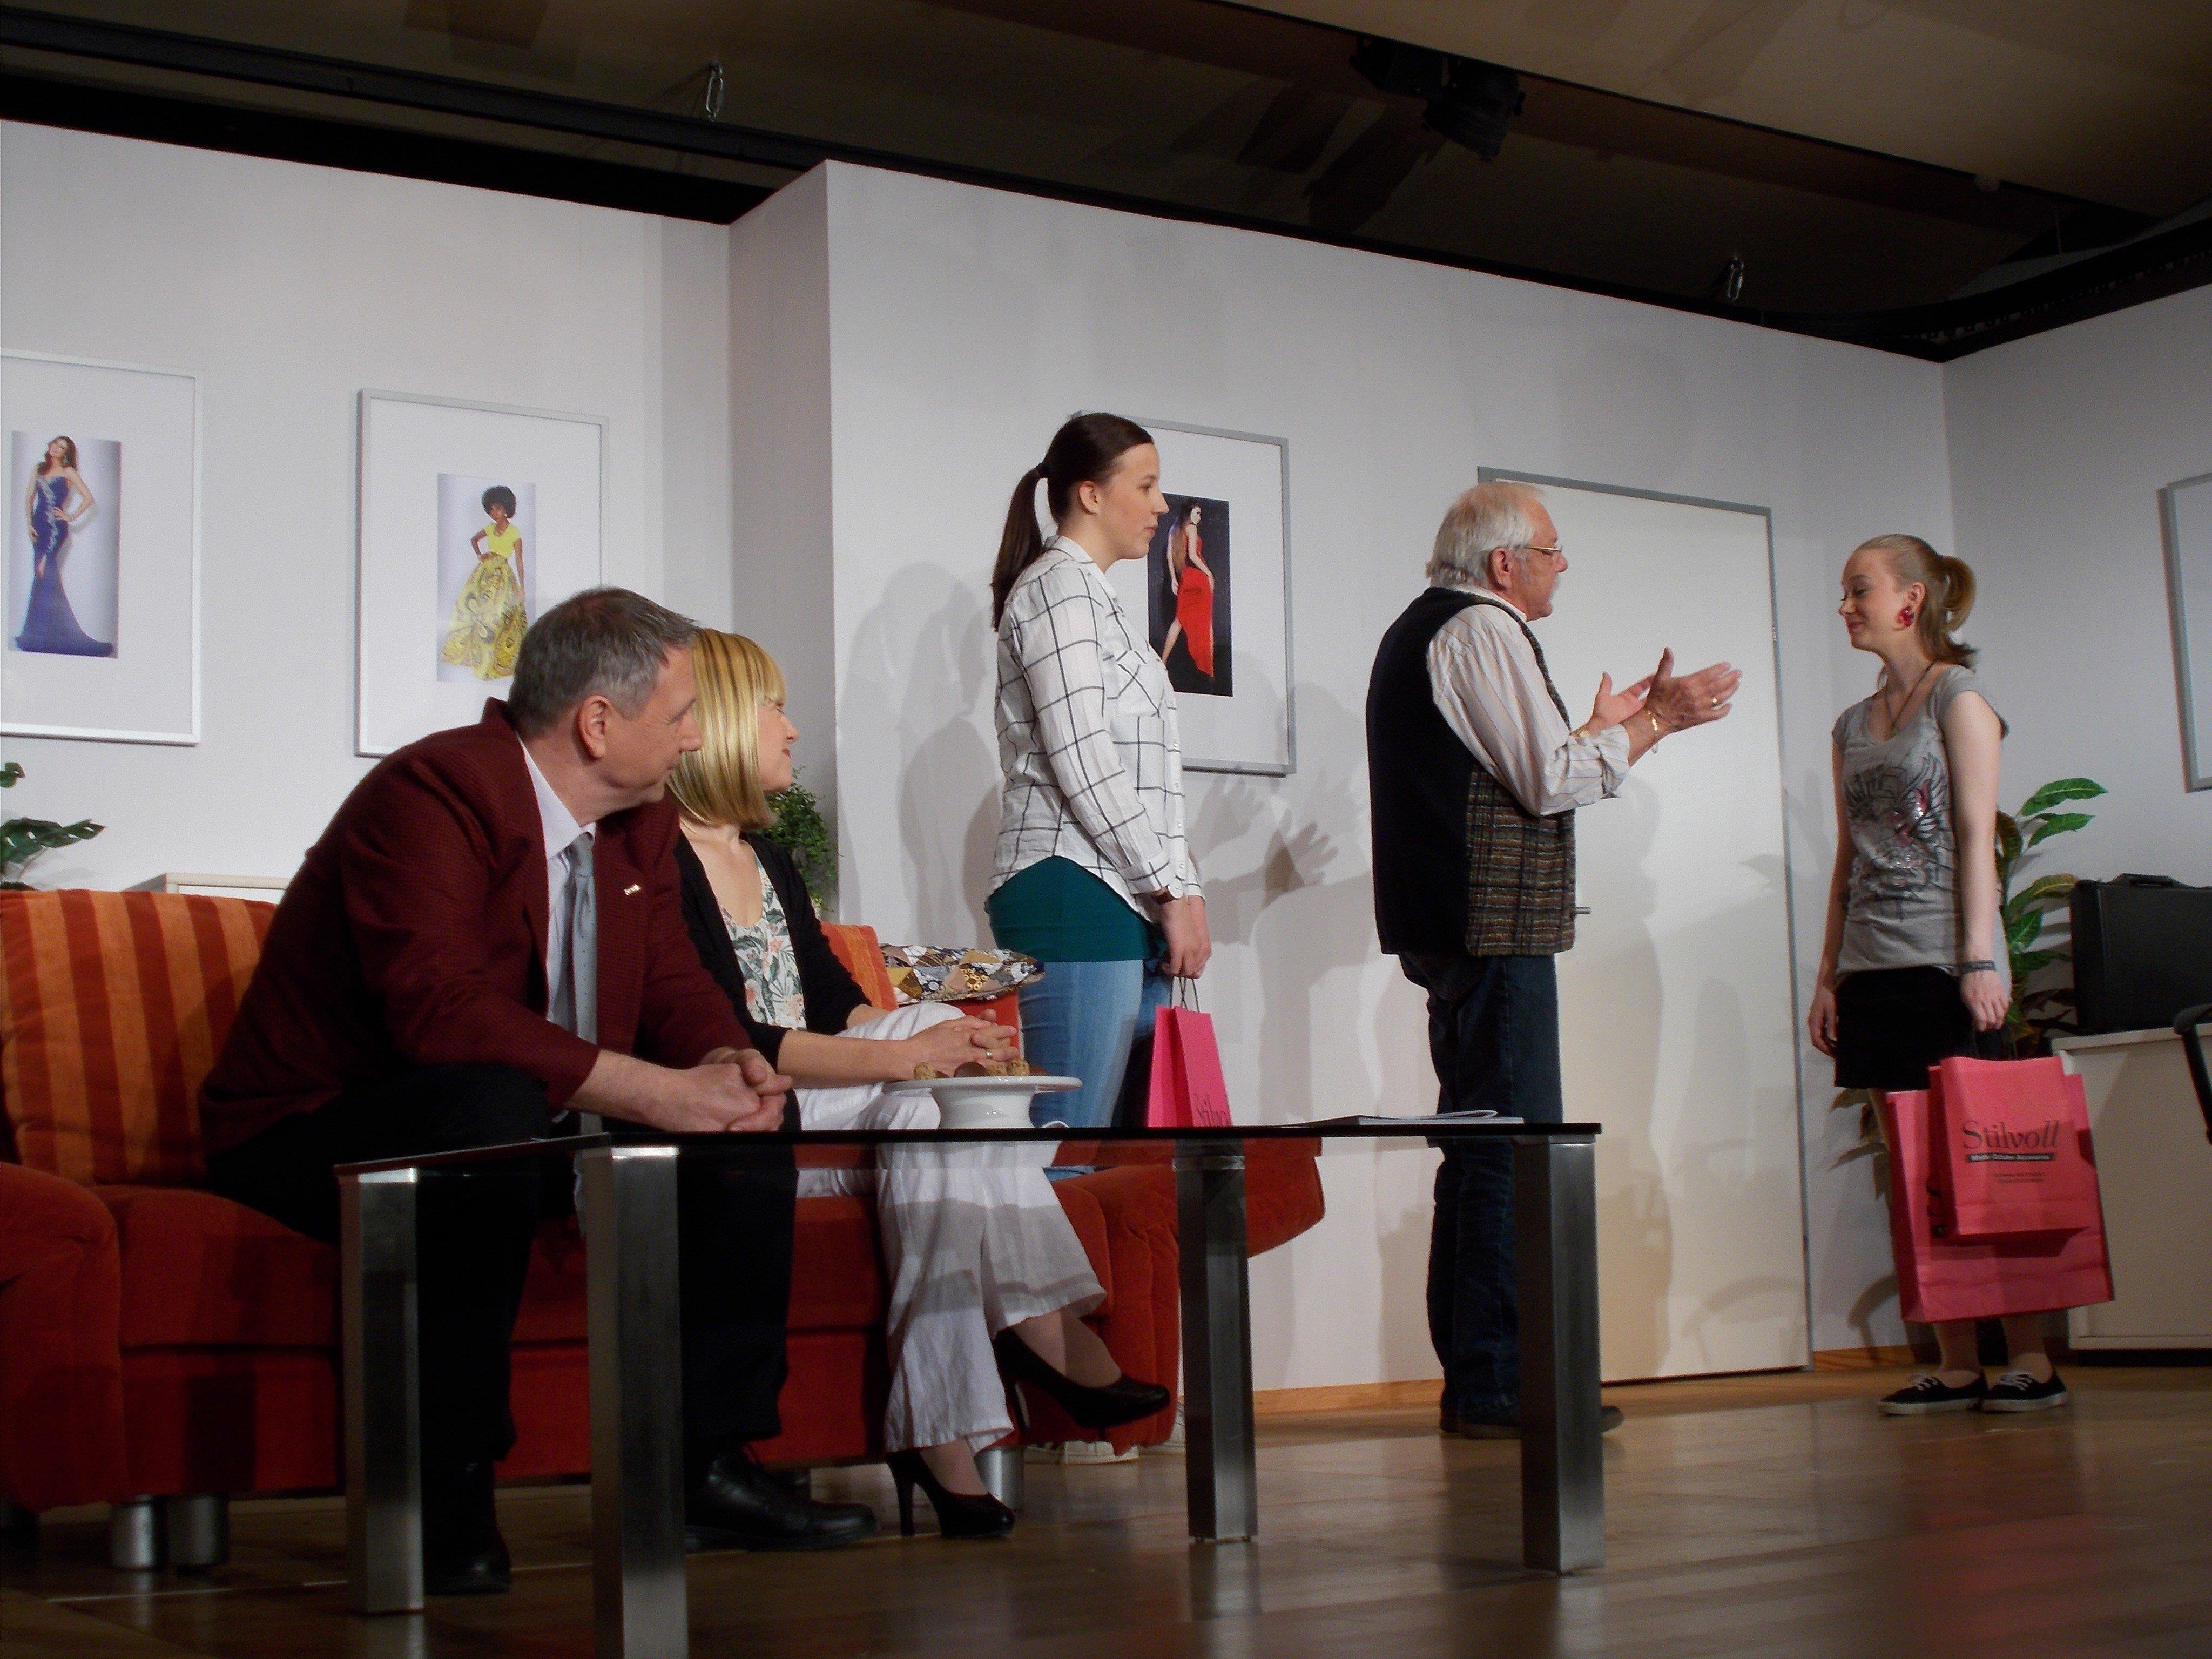 """Das neue Stück der """"Luschnouar Bühne"""" mit dem Titel """"Hei, Opa!""""  ist ein echter Publikumsrenner"""